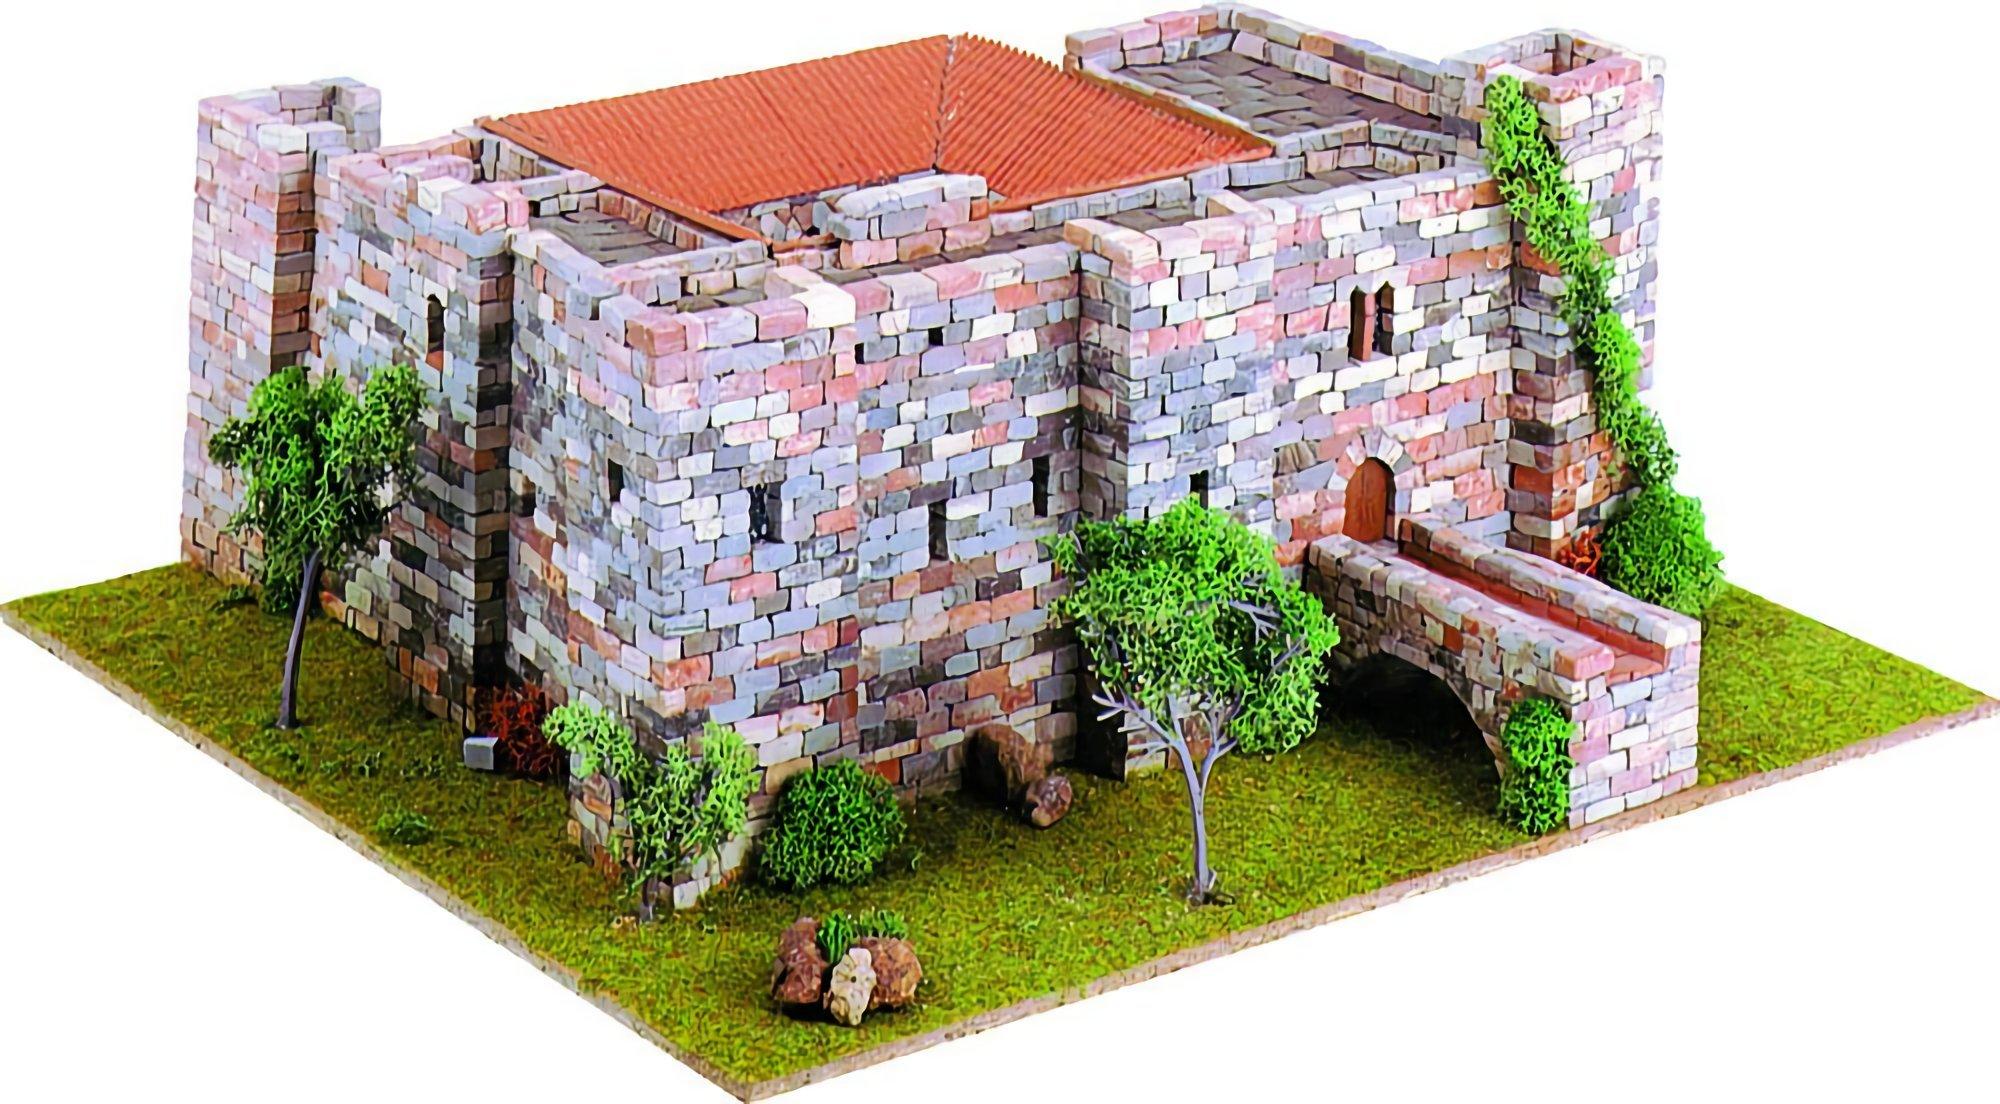 Castle (Castellum) 4 - premium model diorama kit by Domus